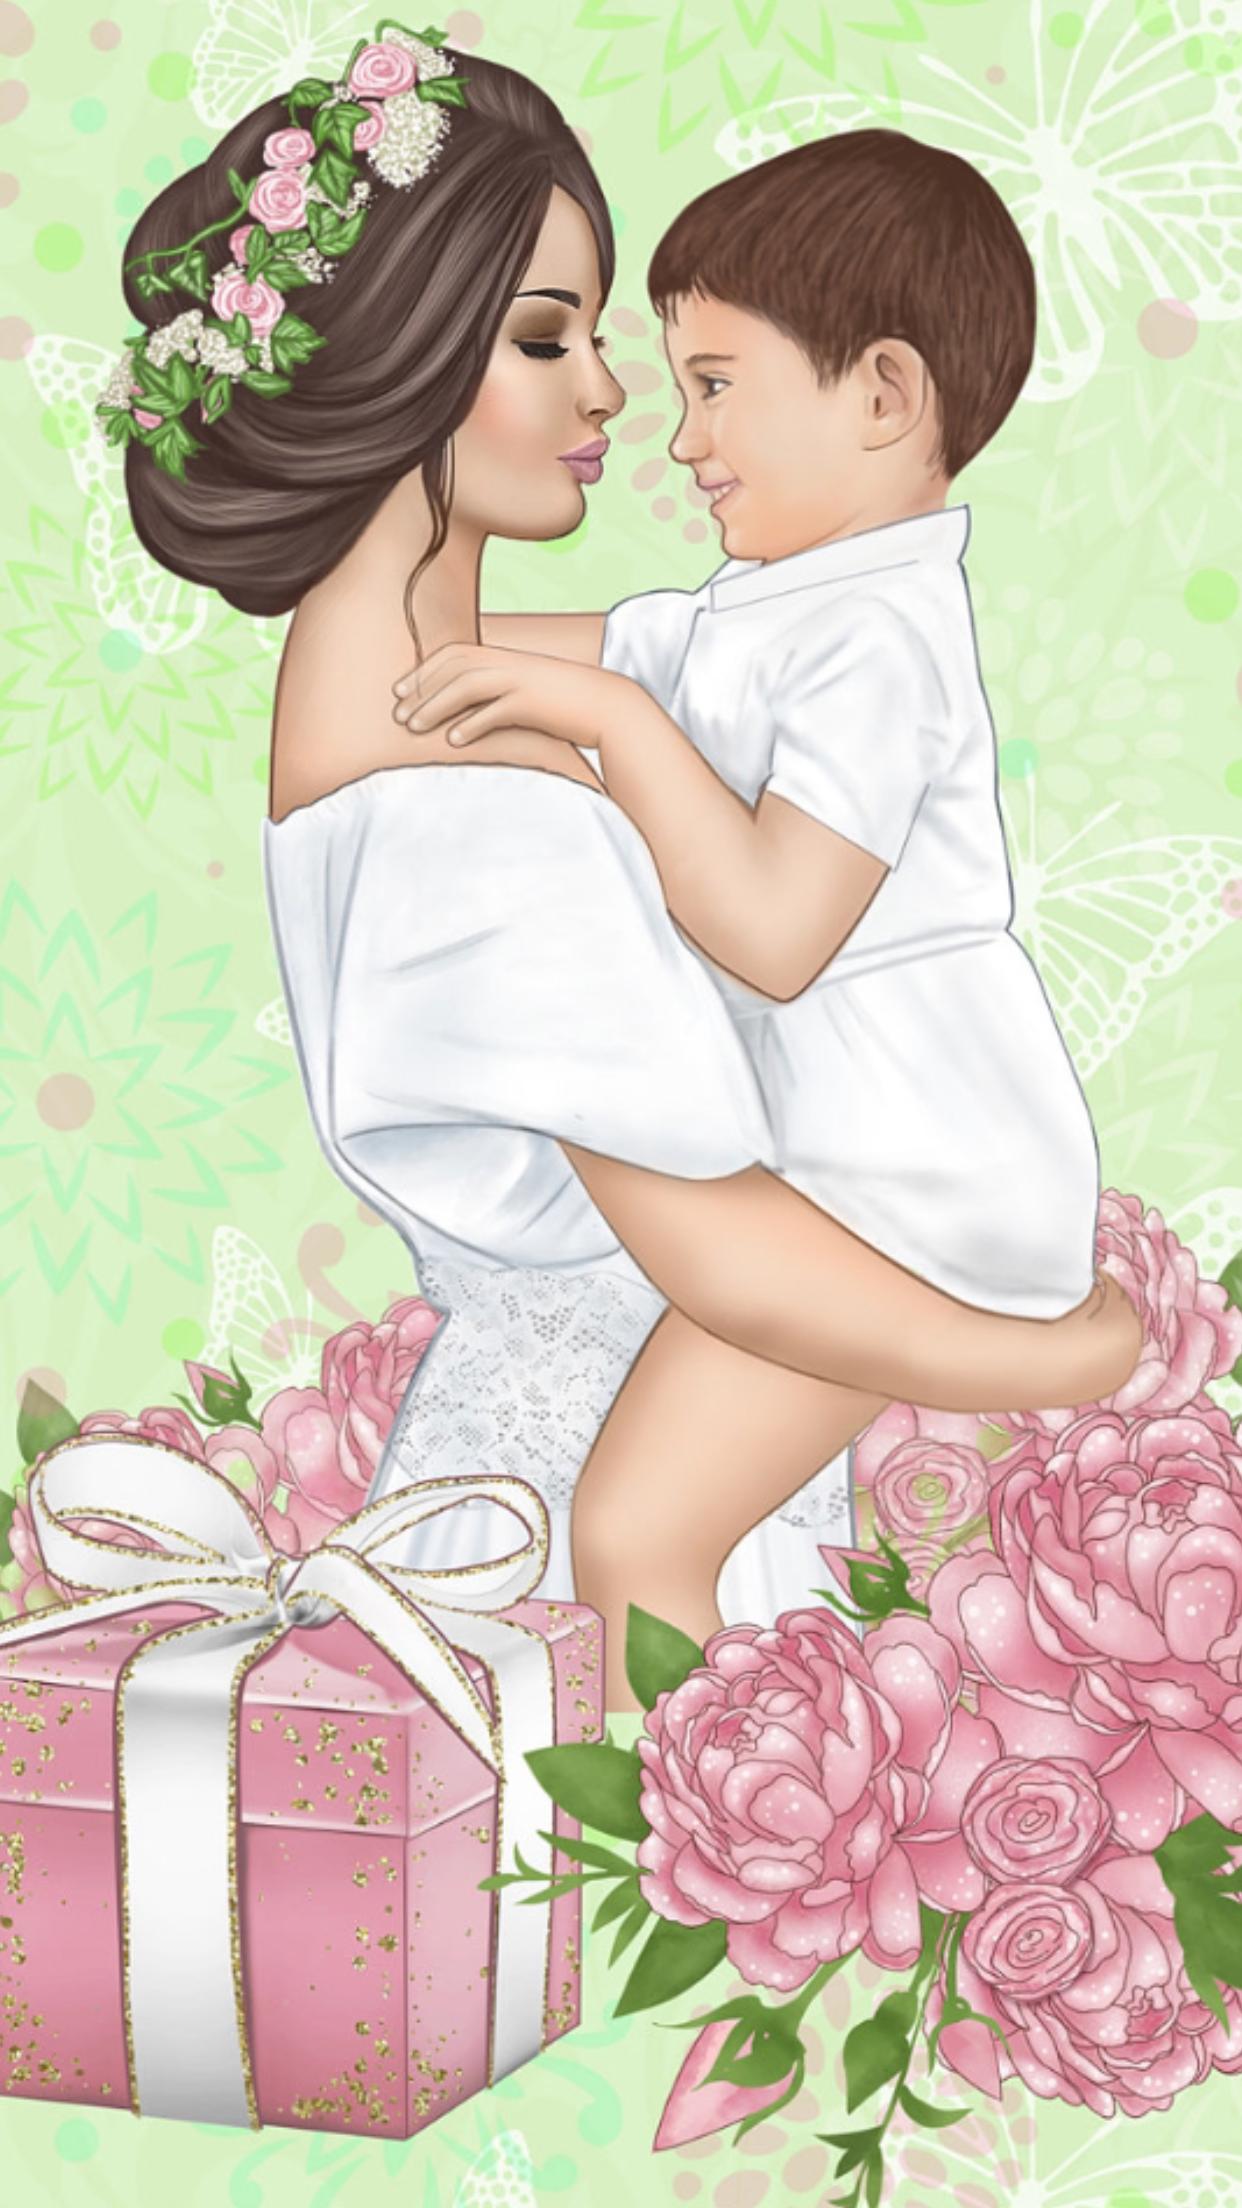 Diseno Madre E Hija Dibujo